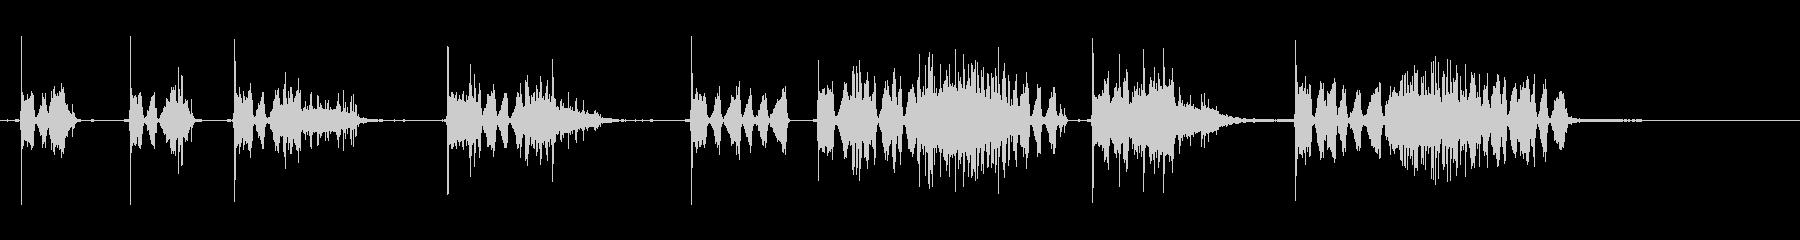 カーフォールススタート、V-8、近...の未再生の波形